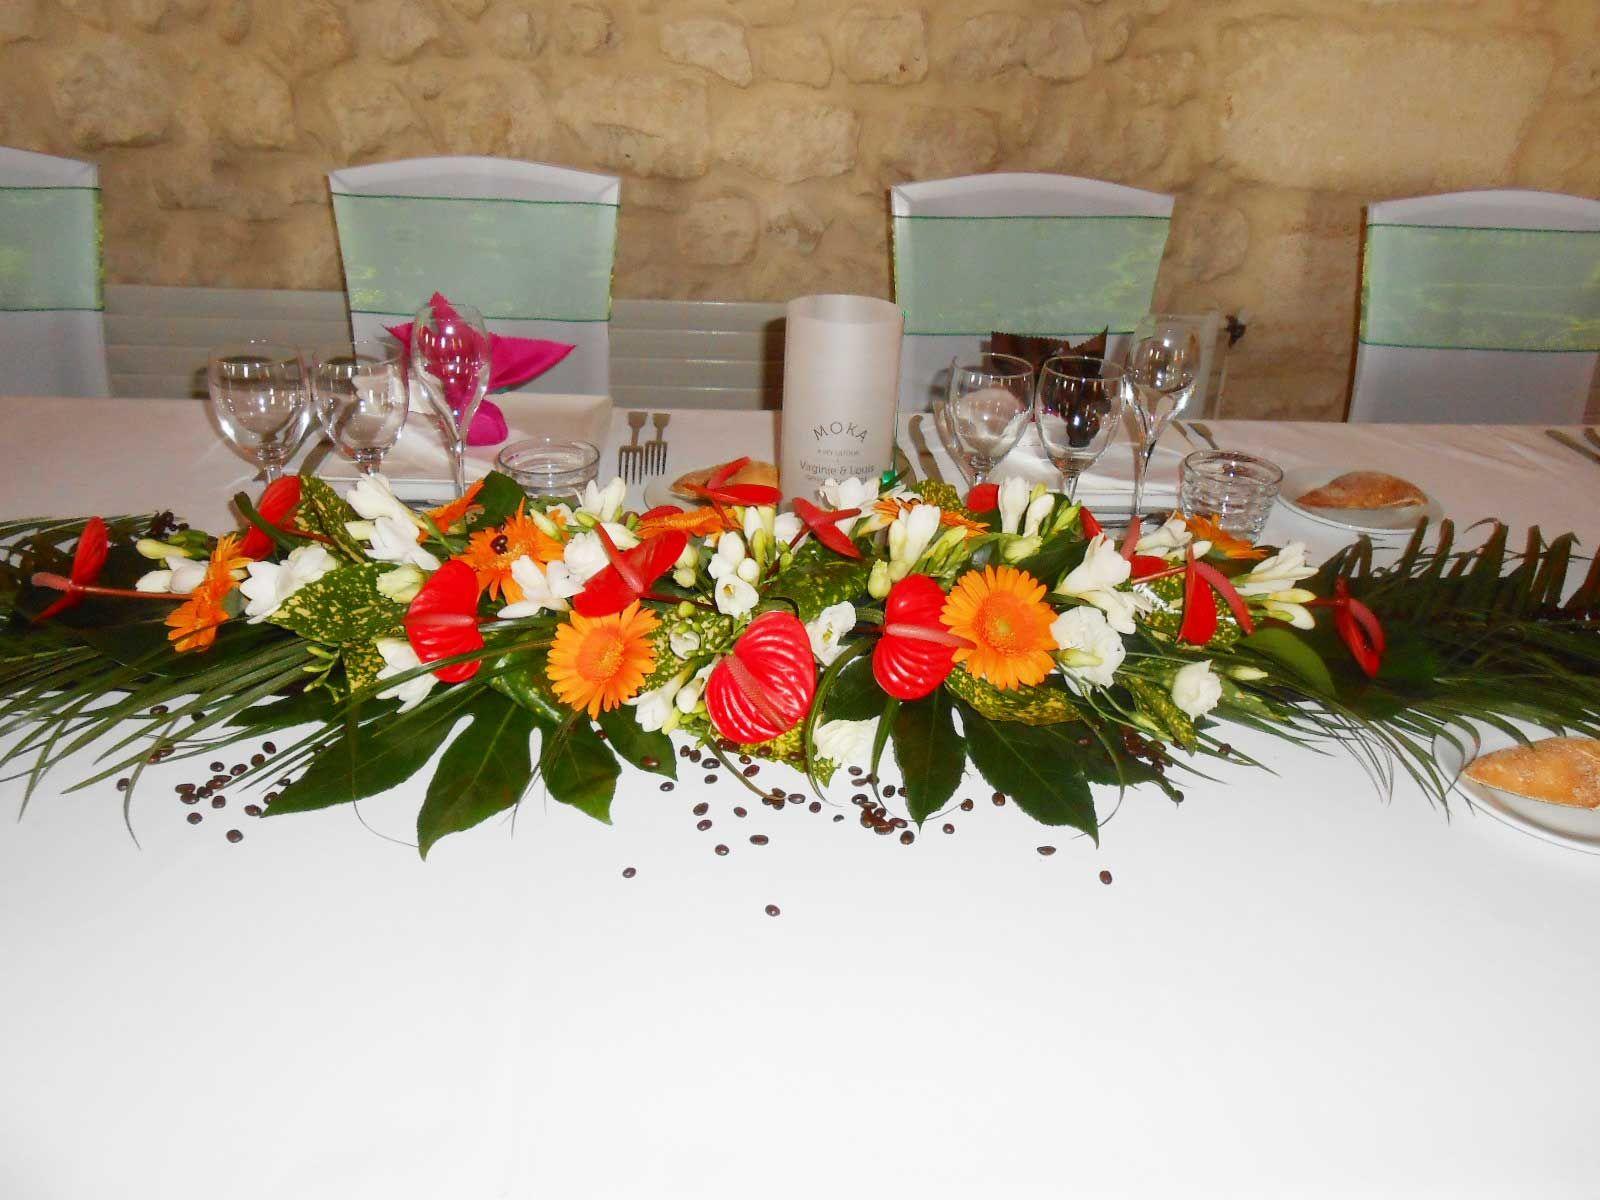 une d coration florale de mariage exotique mariage pinterest floral arrangement wedding. Black Bedroom Furniture Sets. Home Design Ideas